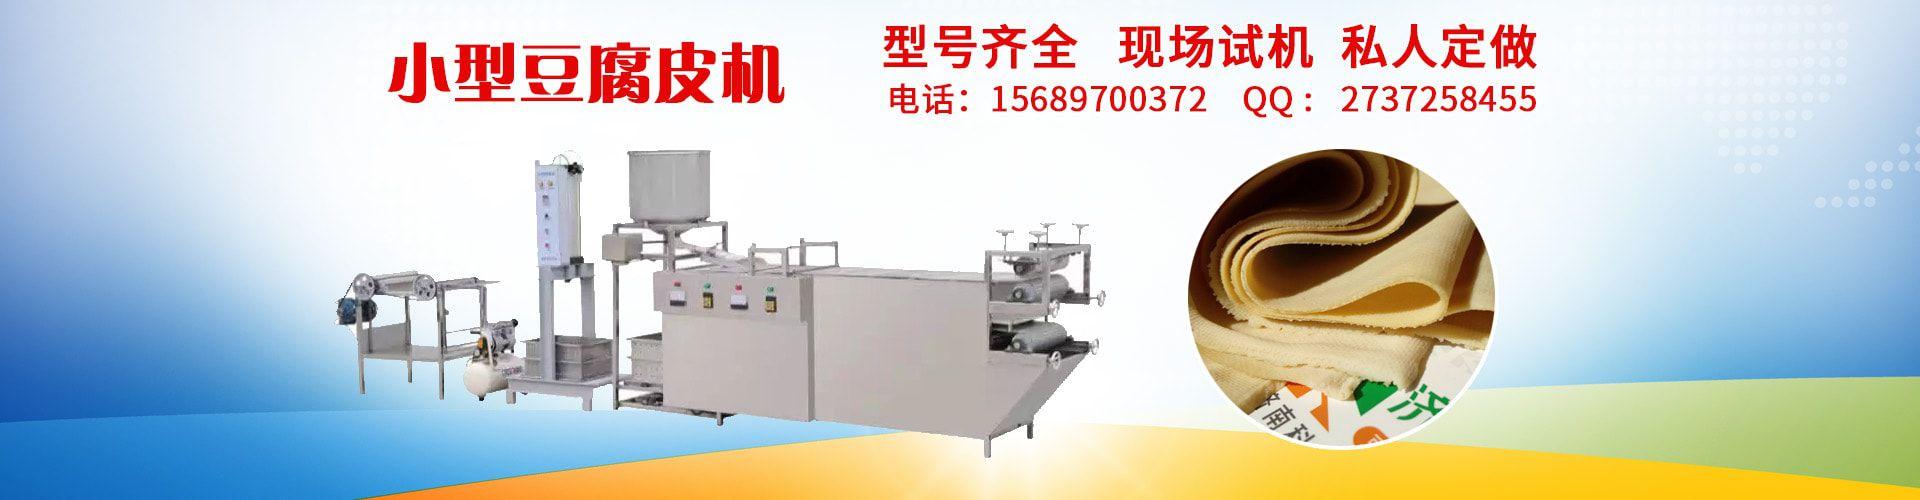 豆腐皮机厂家